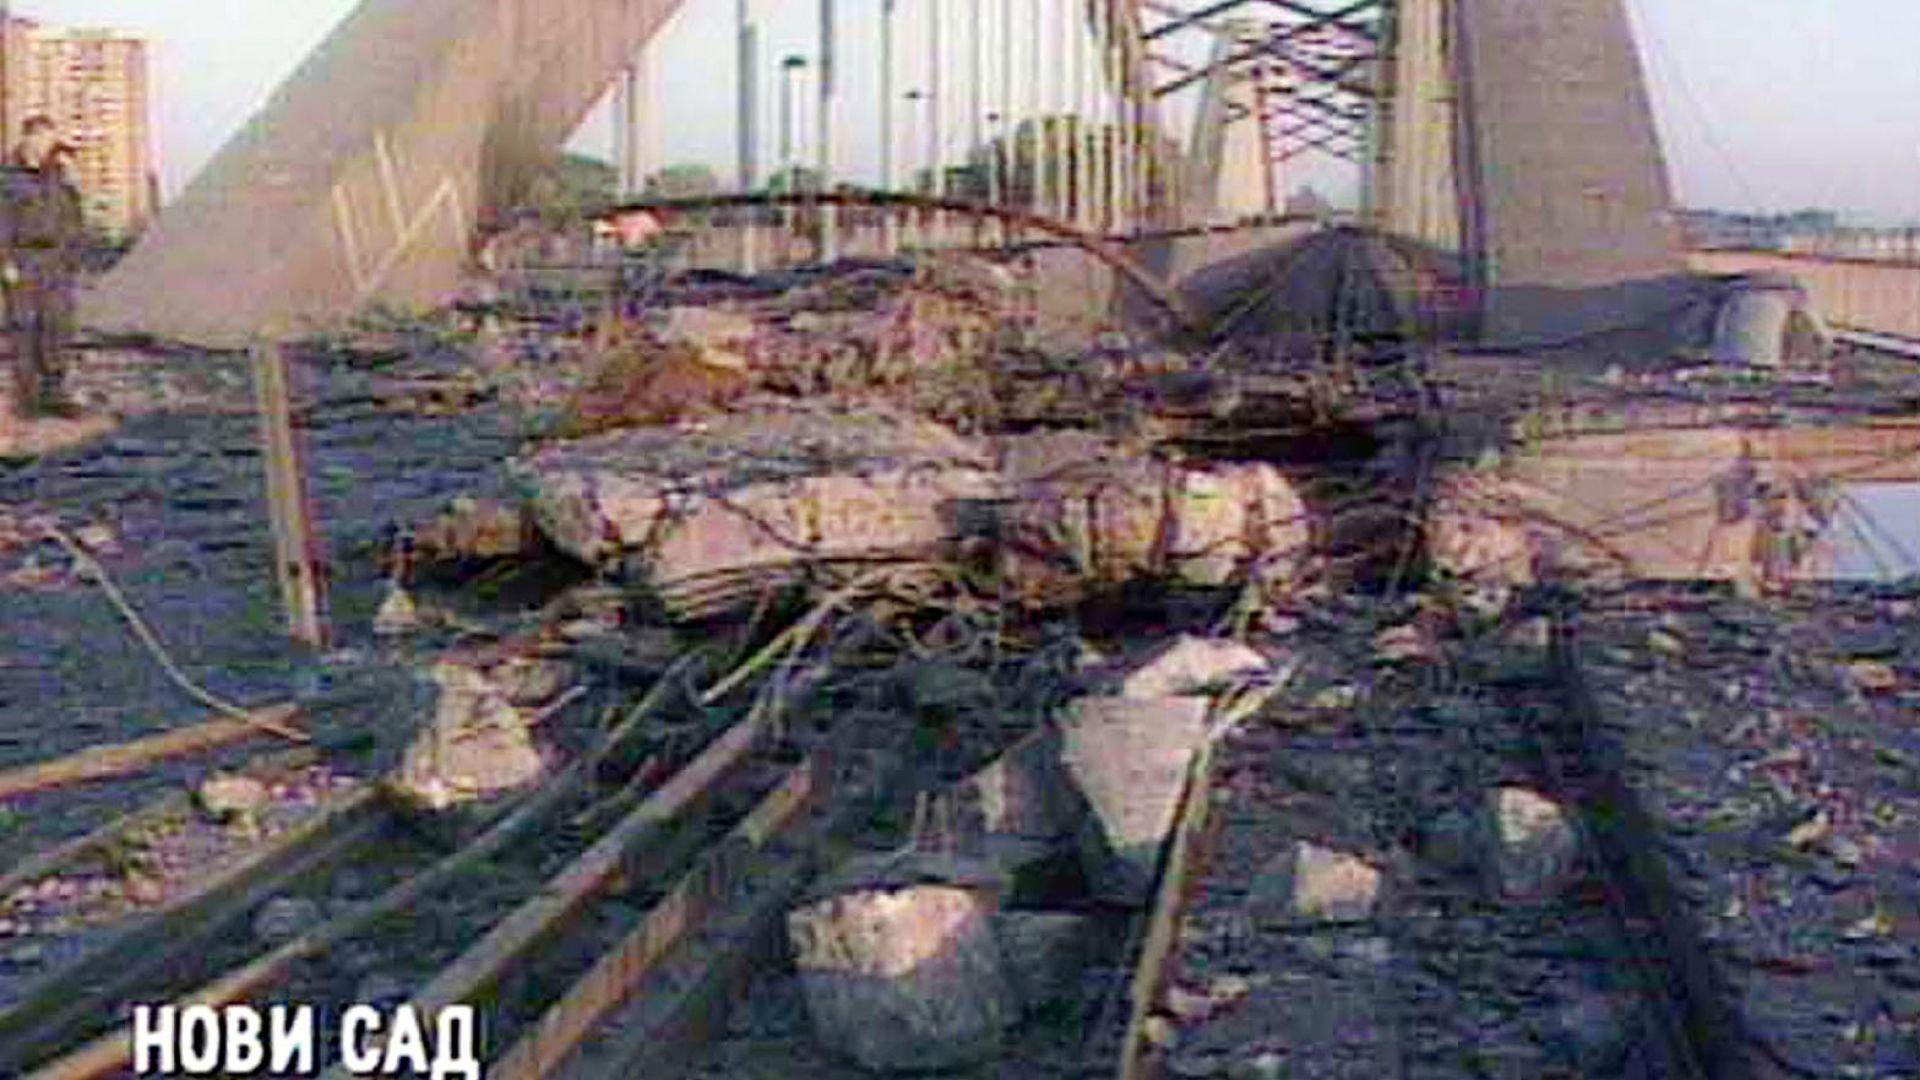 Сръбският премиер Ана Бърнабич заяви, че бомбардирането на СР Югославия